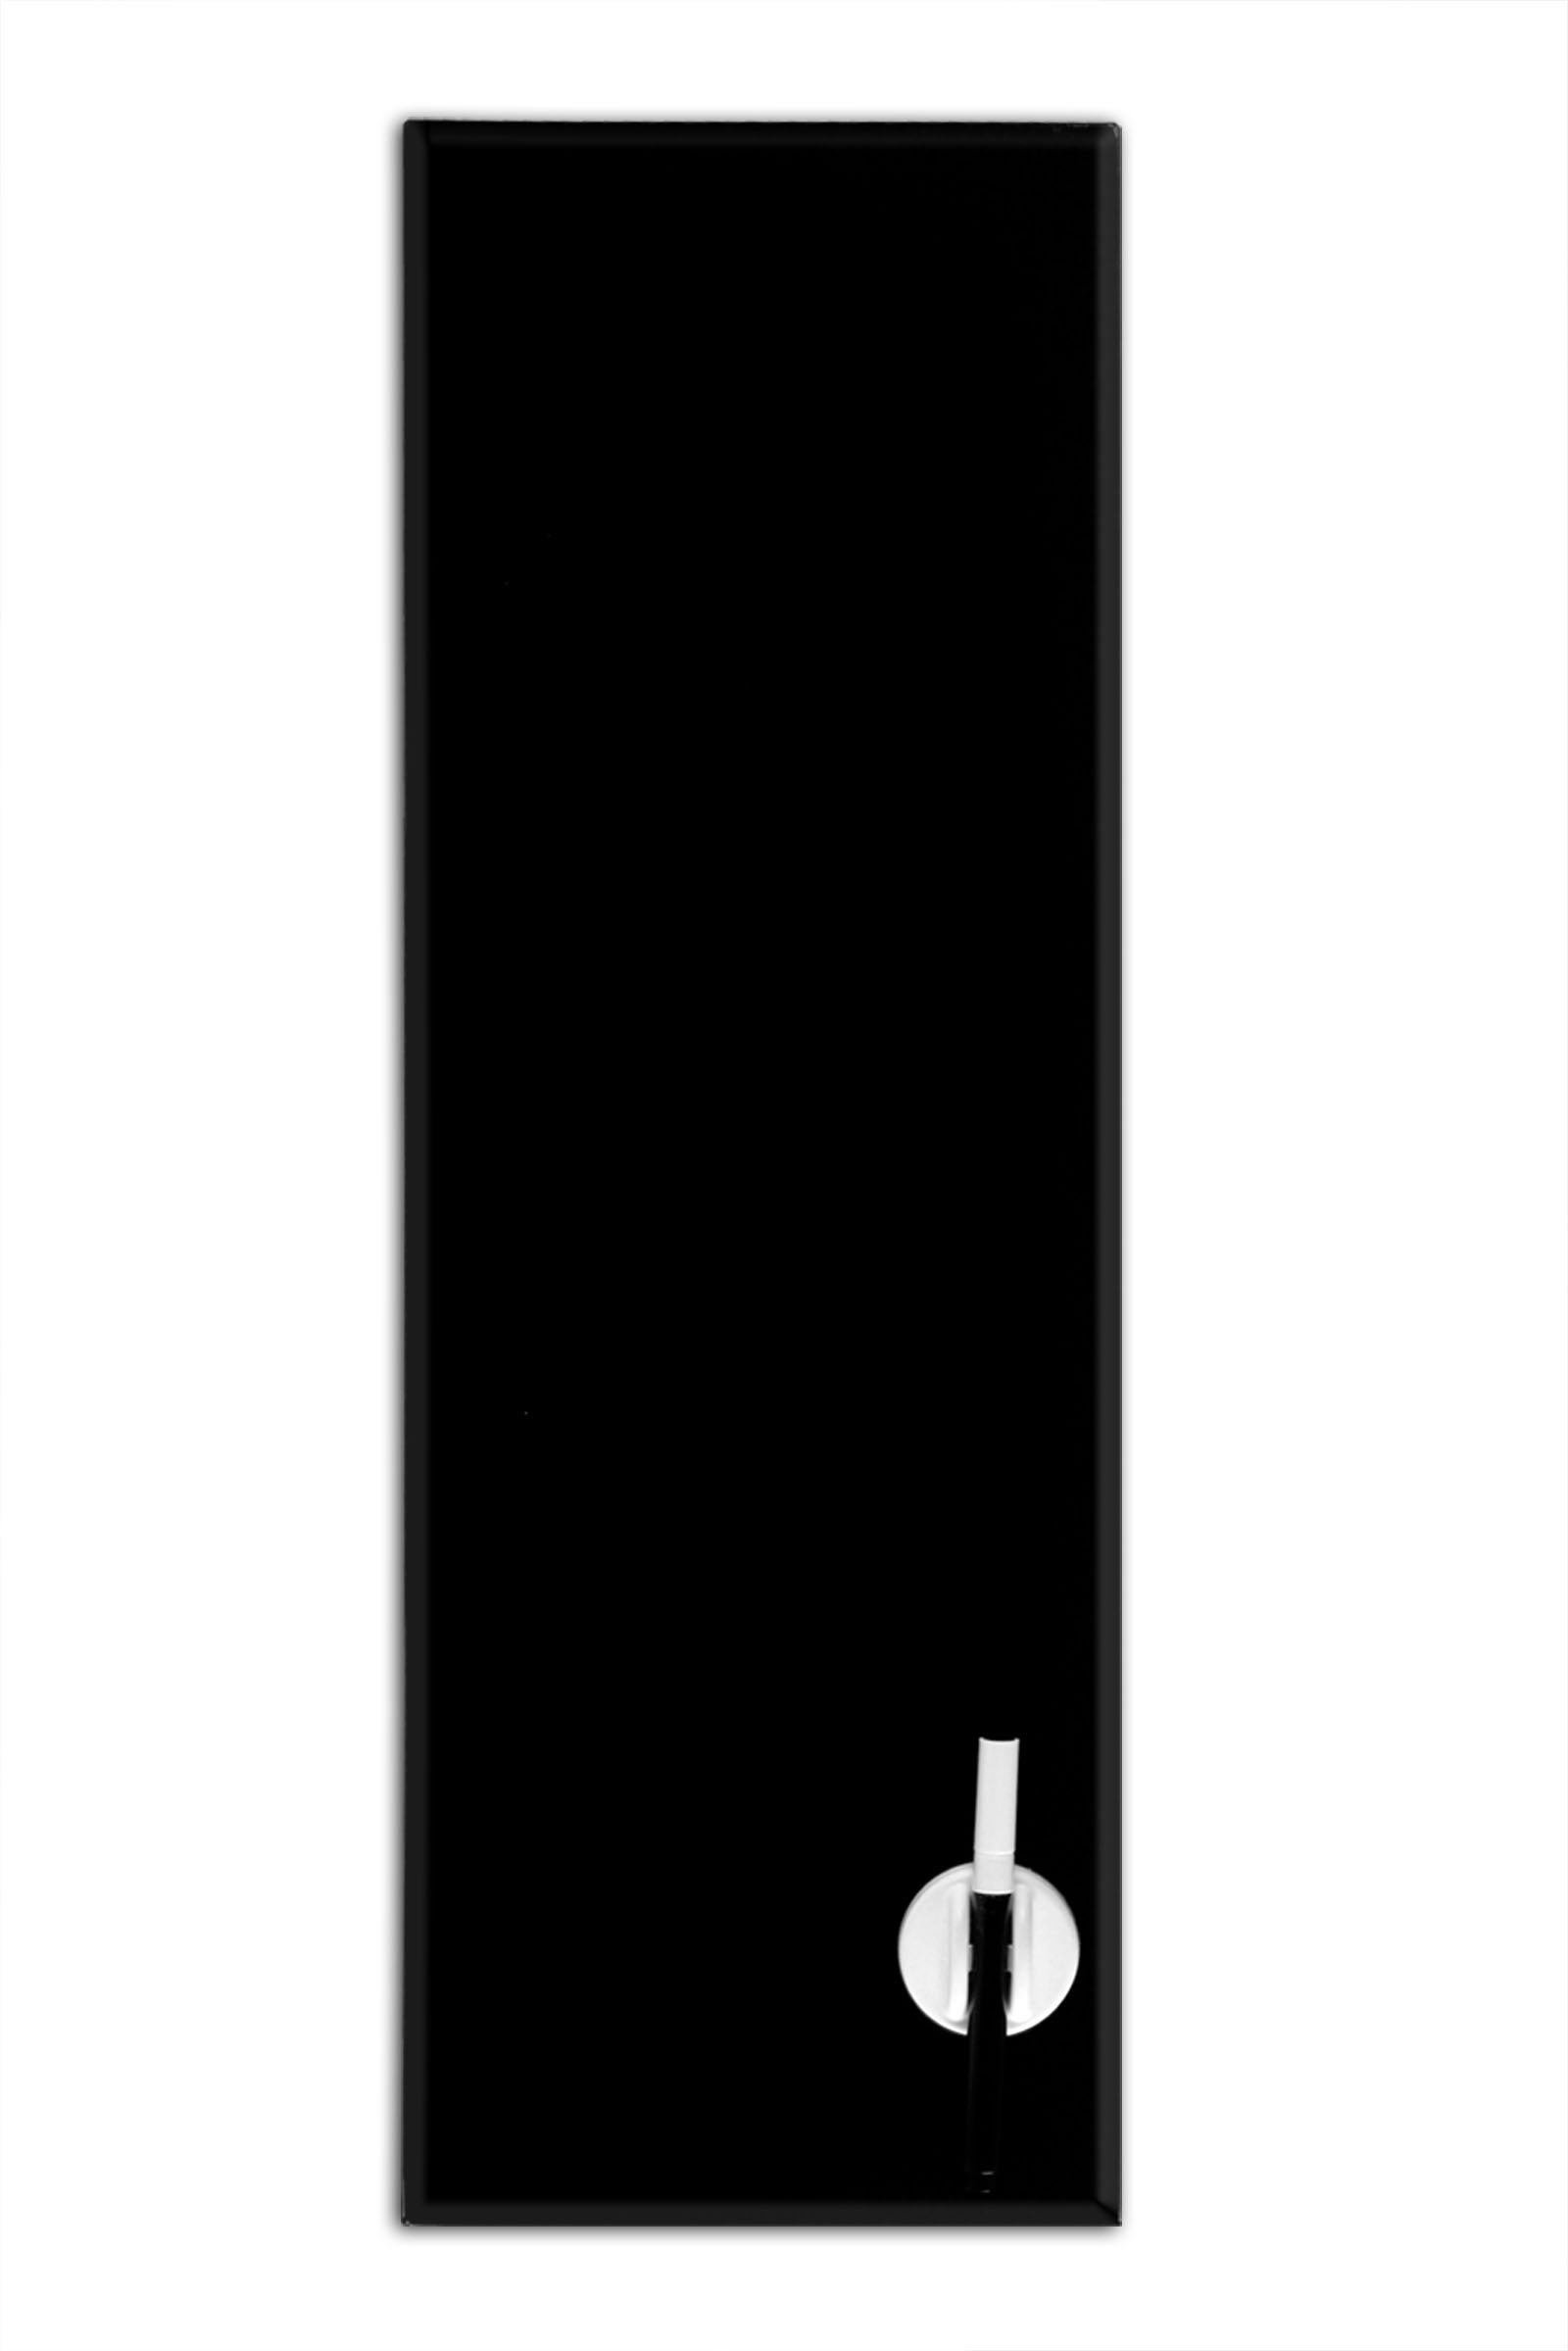 glas magnettafel magnetboard memoboard magnet tafel pinnwand whiteboard ebay. Black Bedroom Furniture Sets. Home Design Ideas